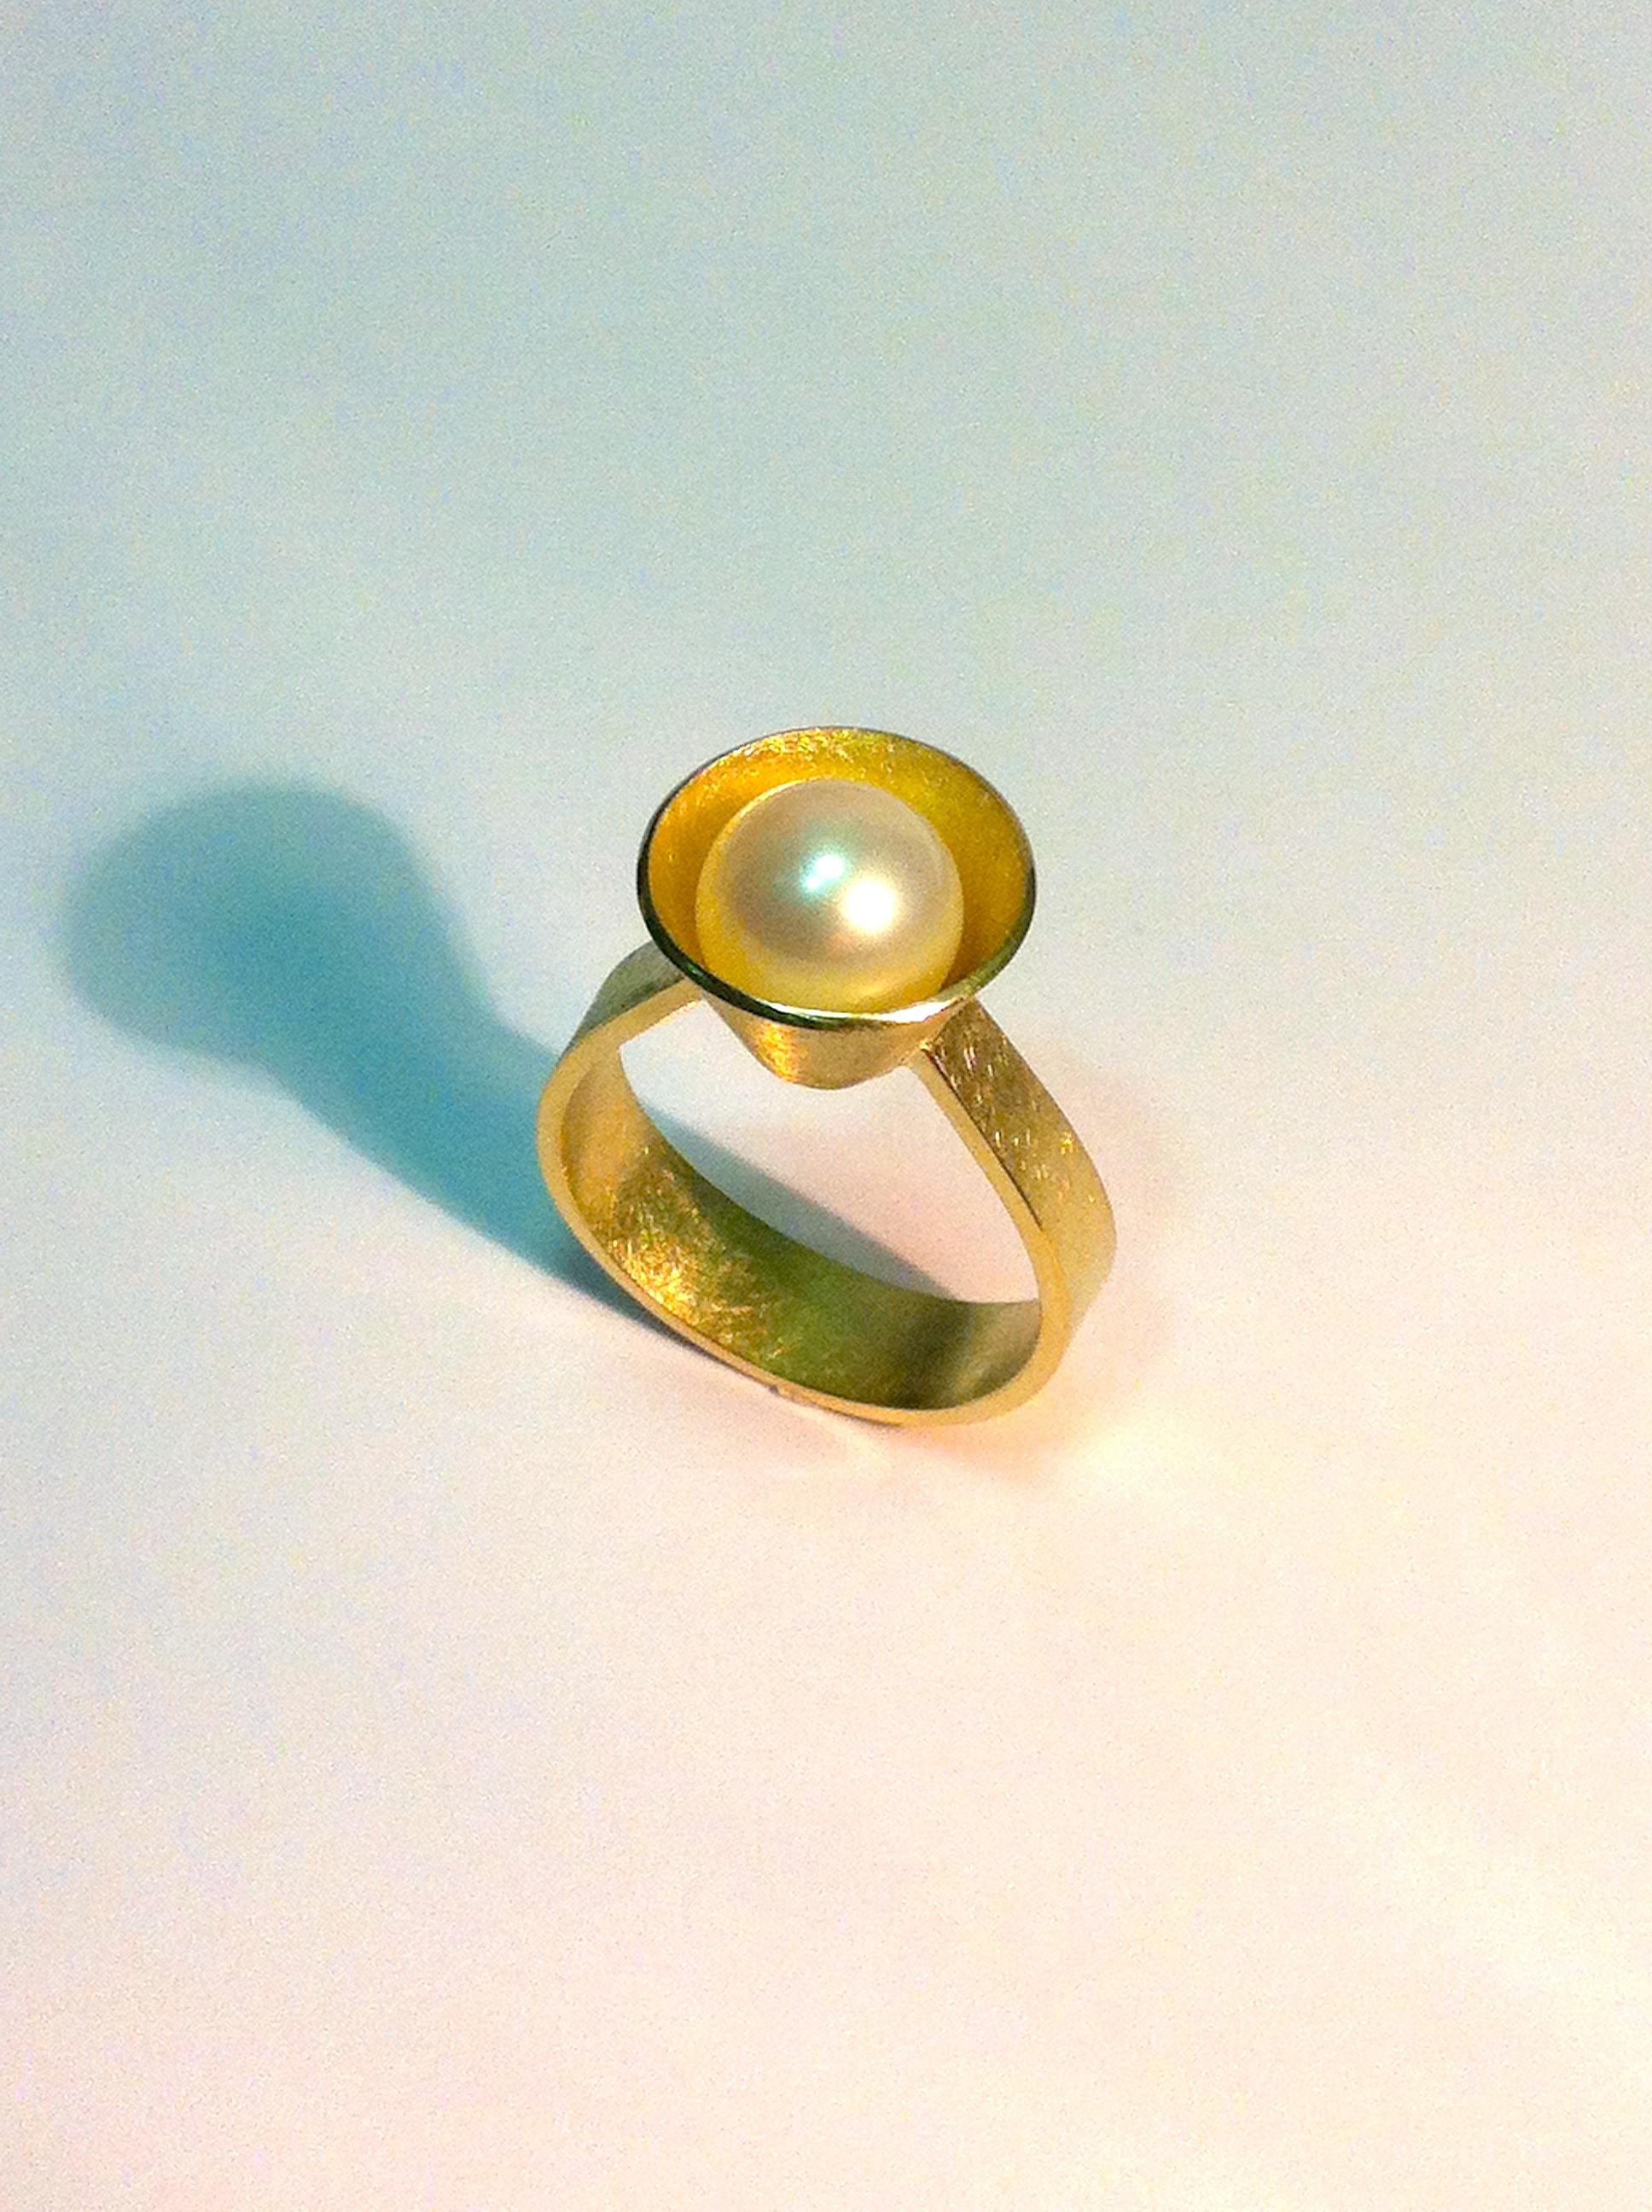 Otro anillo con perla_IMG_2074